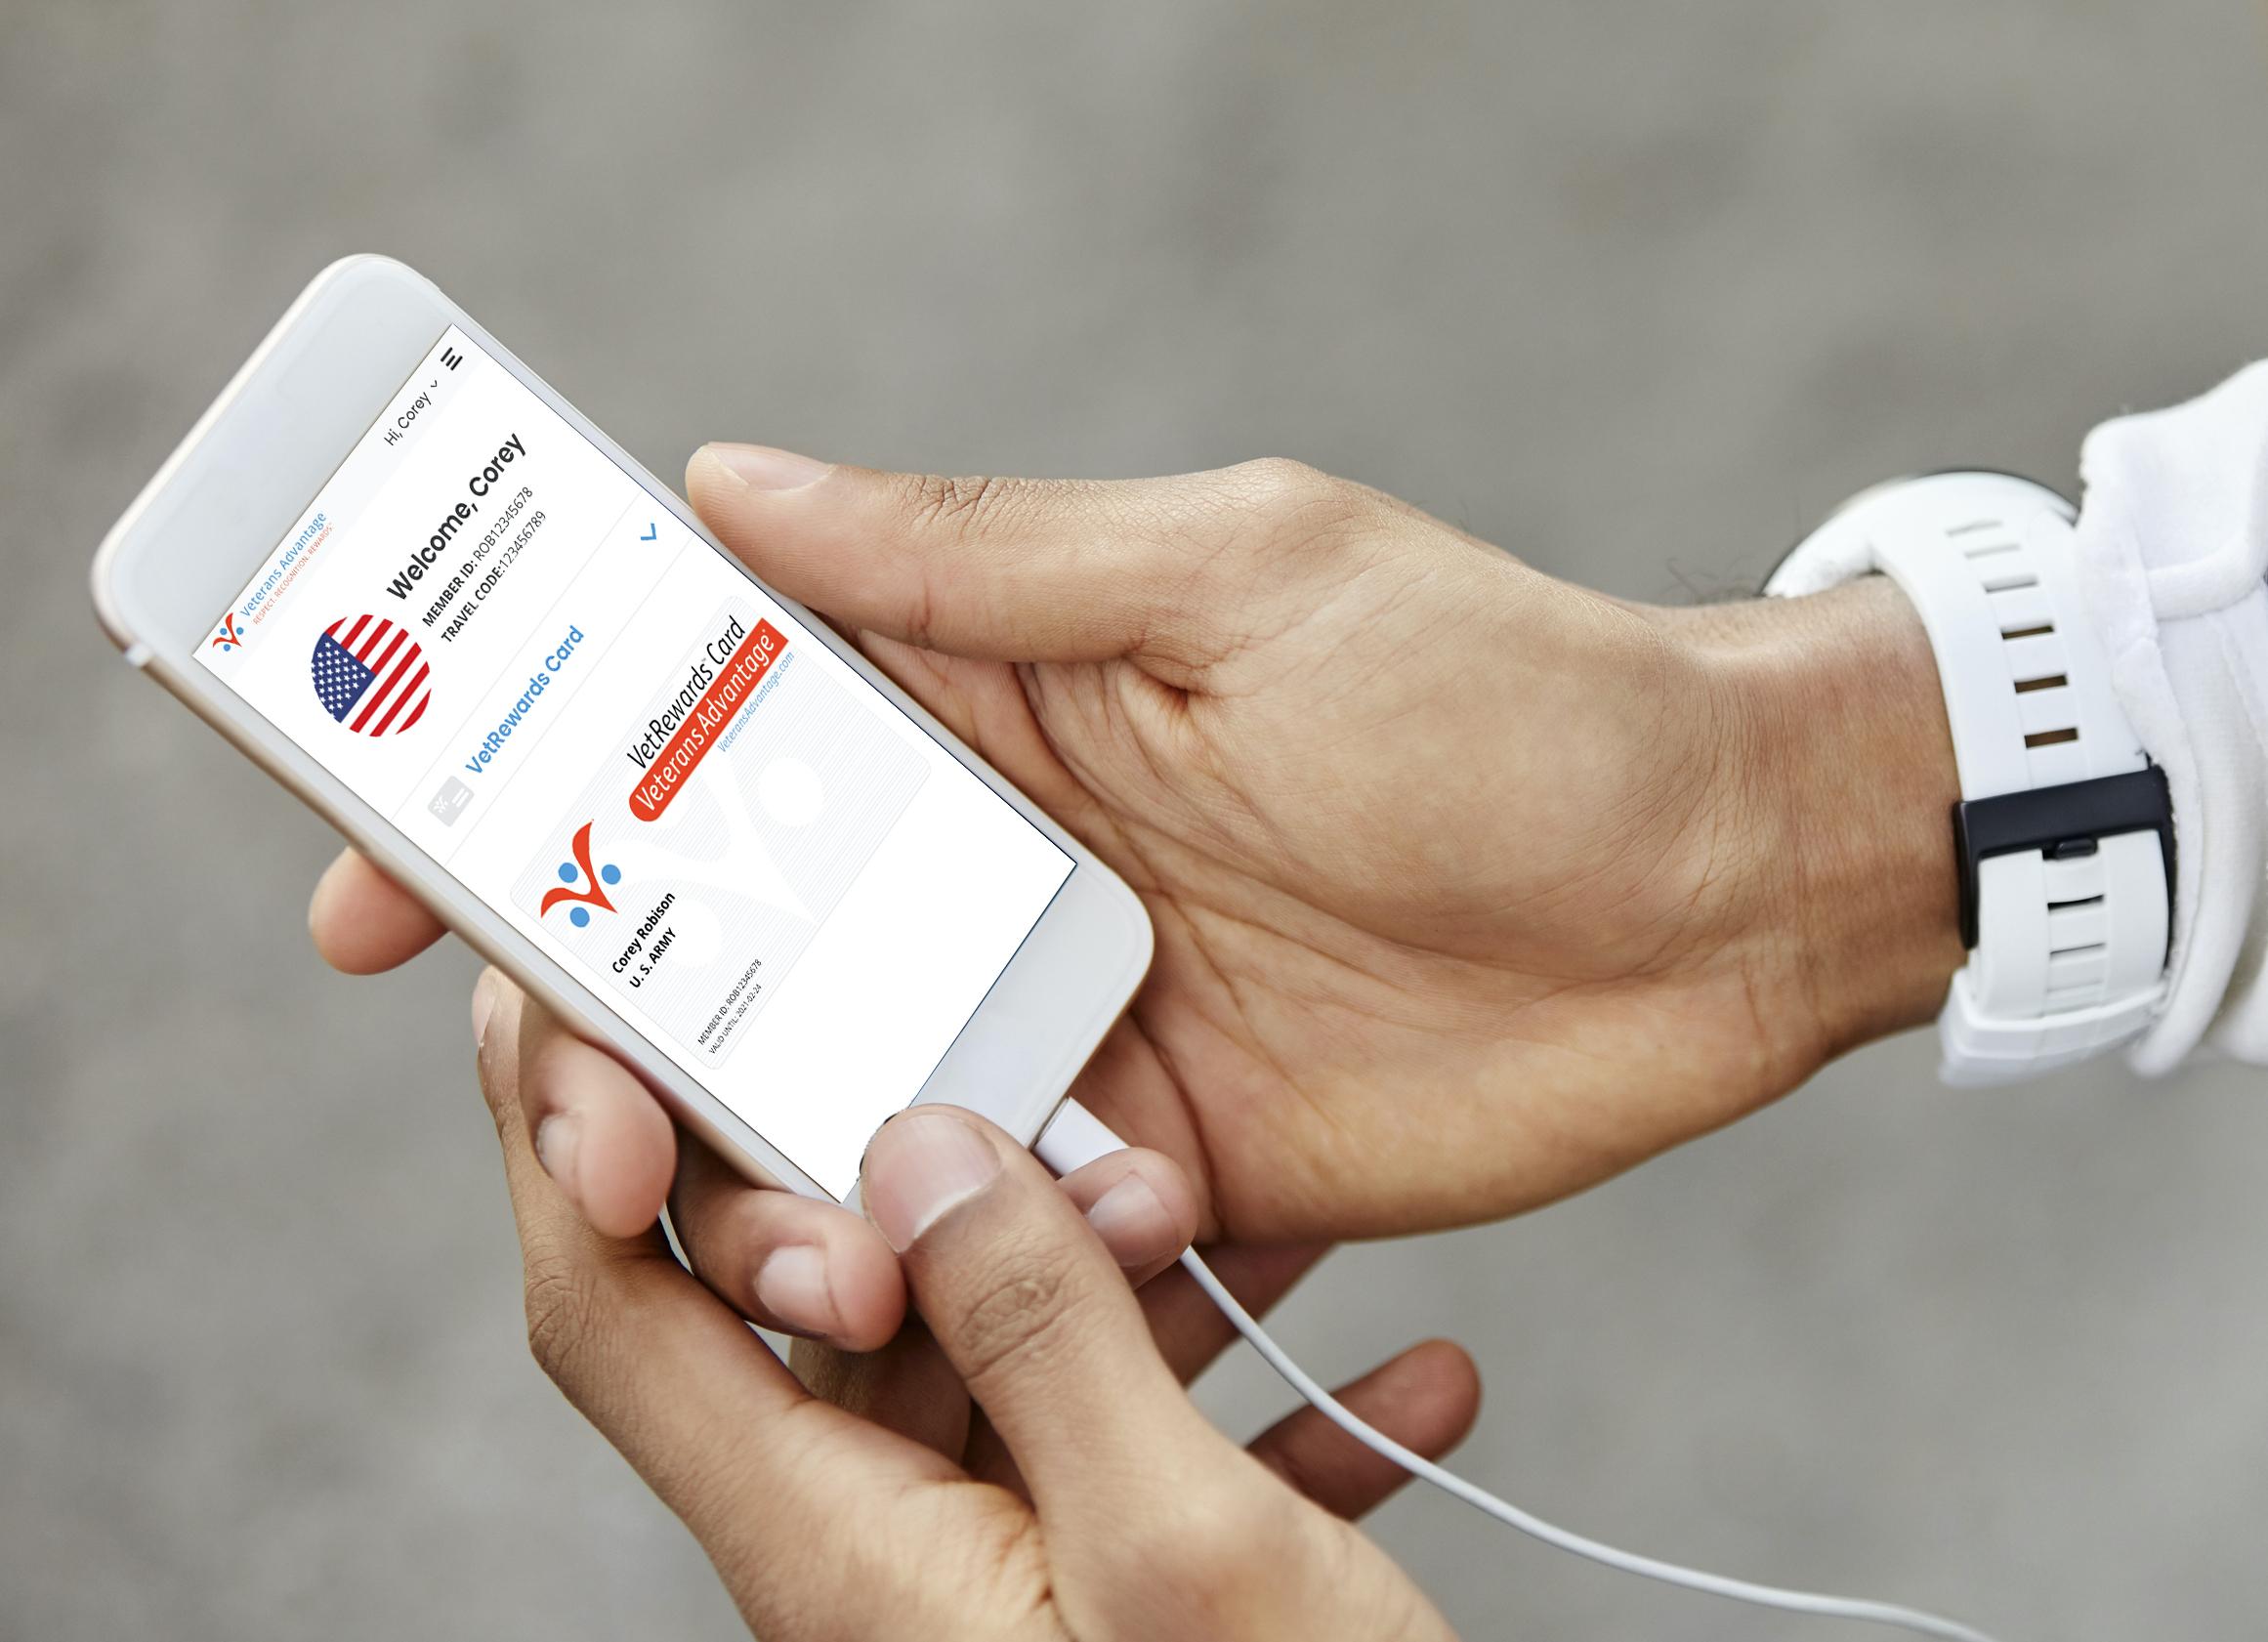 digital vr card on mobile